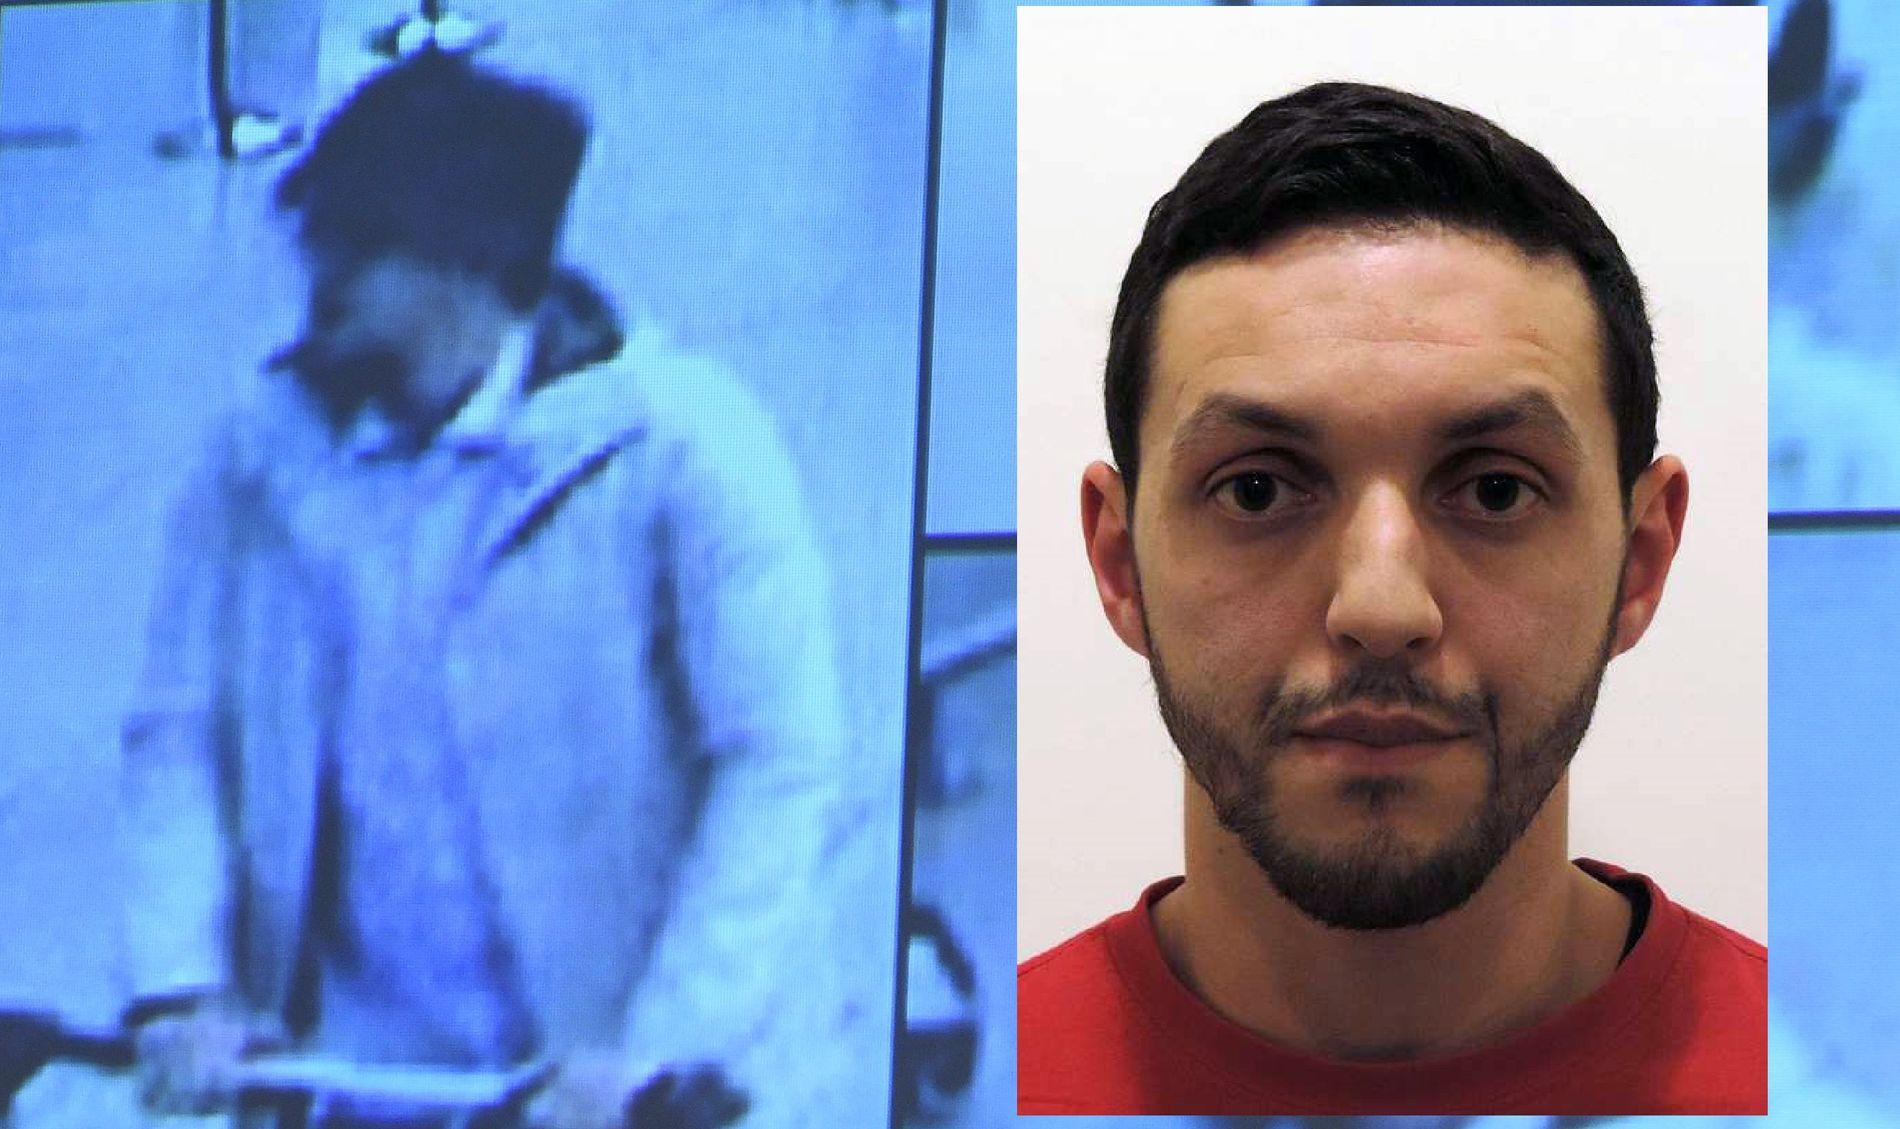 MANNEN MED HATT: Terrorsiktede Mohamed Abrini (31) knyttes til terrorangrepene både i Paris og i Belgia. Nå har han innrømmet at det er han som ble fanget på overvåkningskameraene på flyplassen i Brussel.